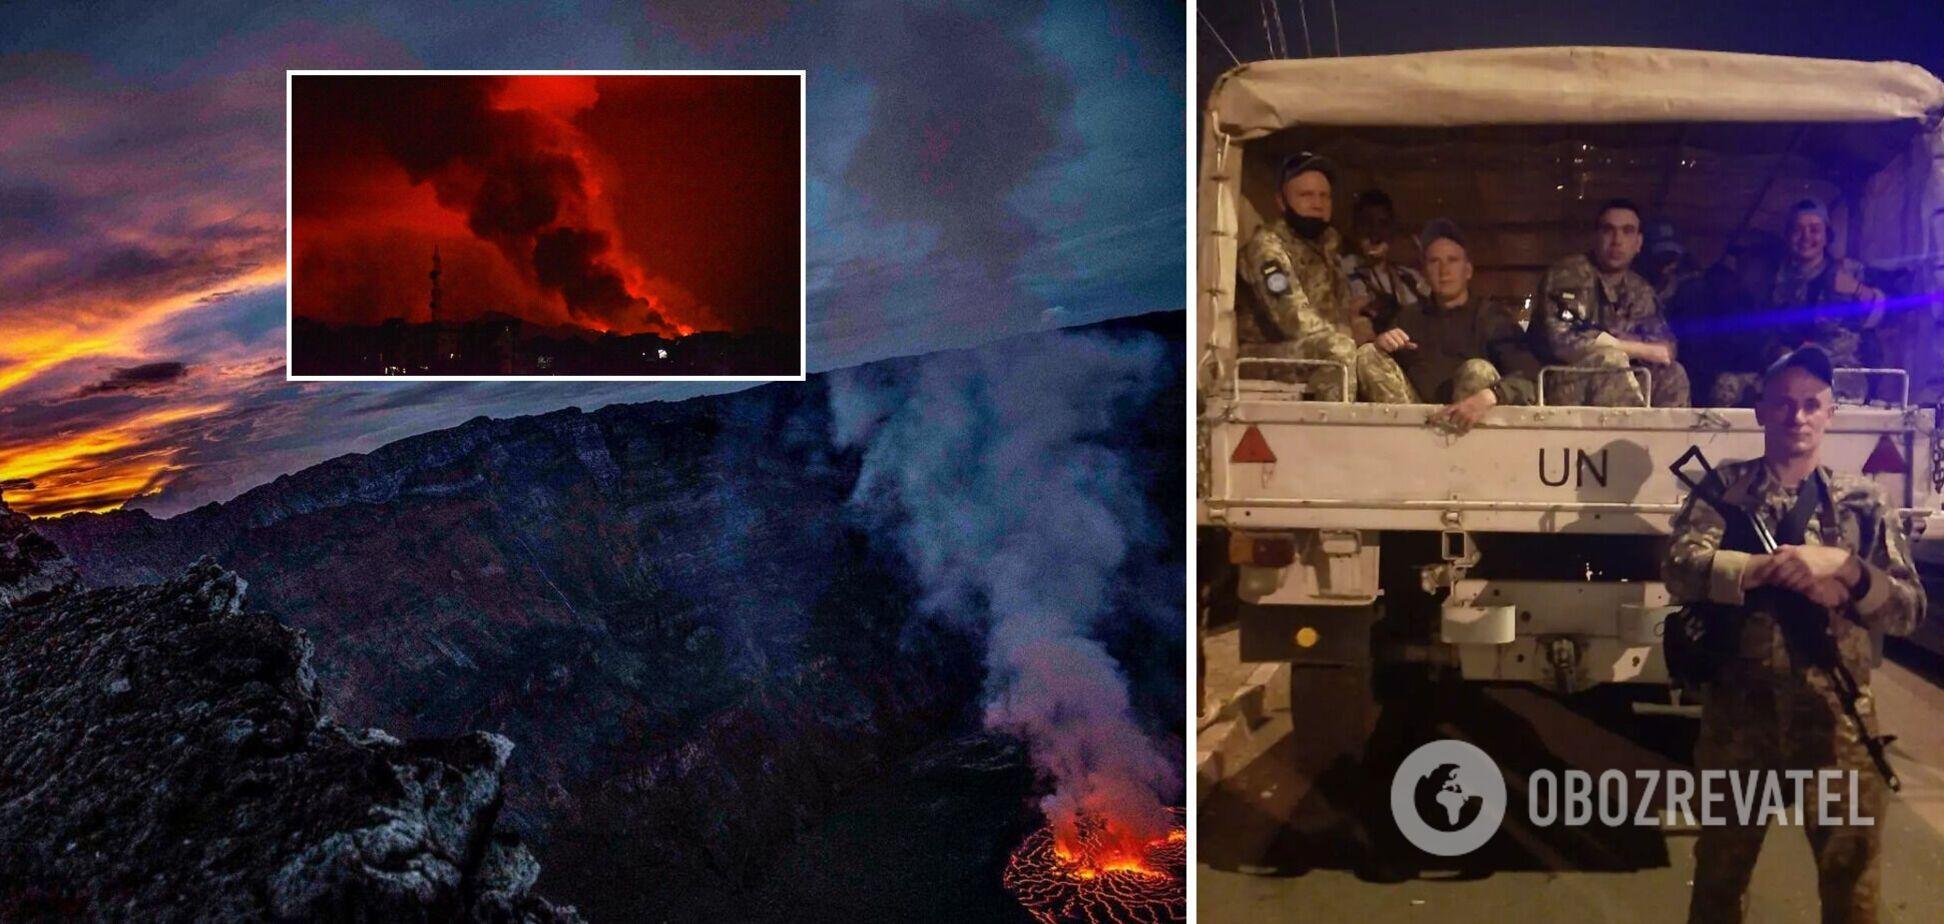 Українських миротворців у Конго евакуювали через виверження смертоносного вулкана